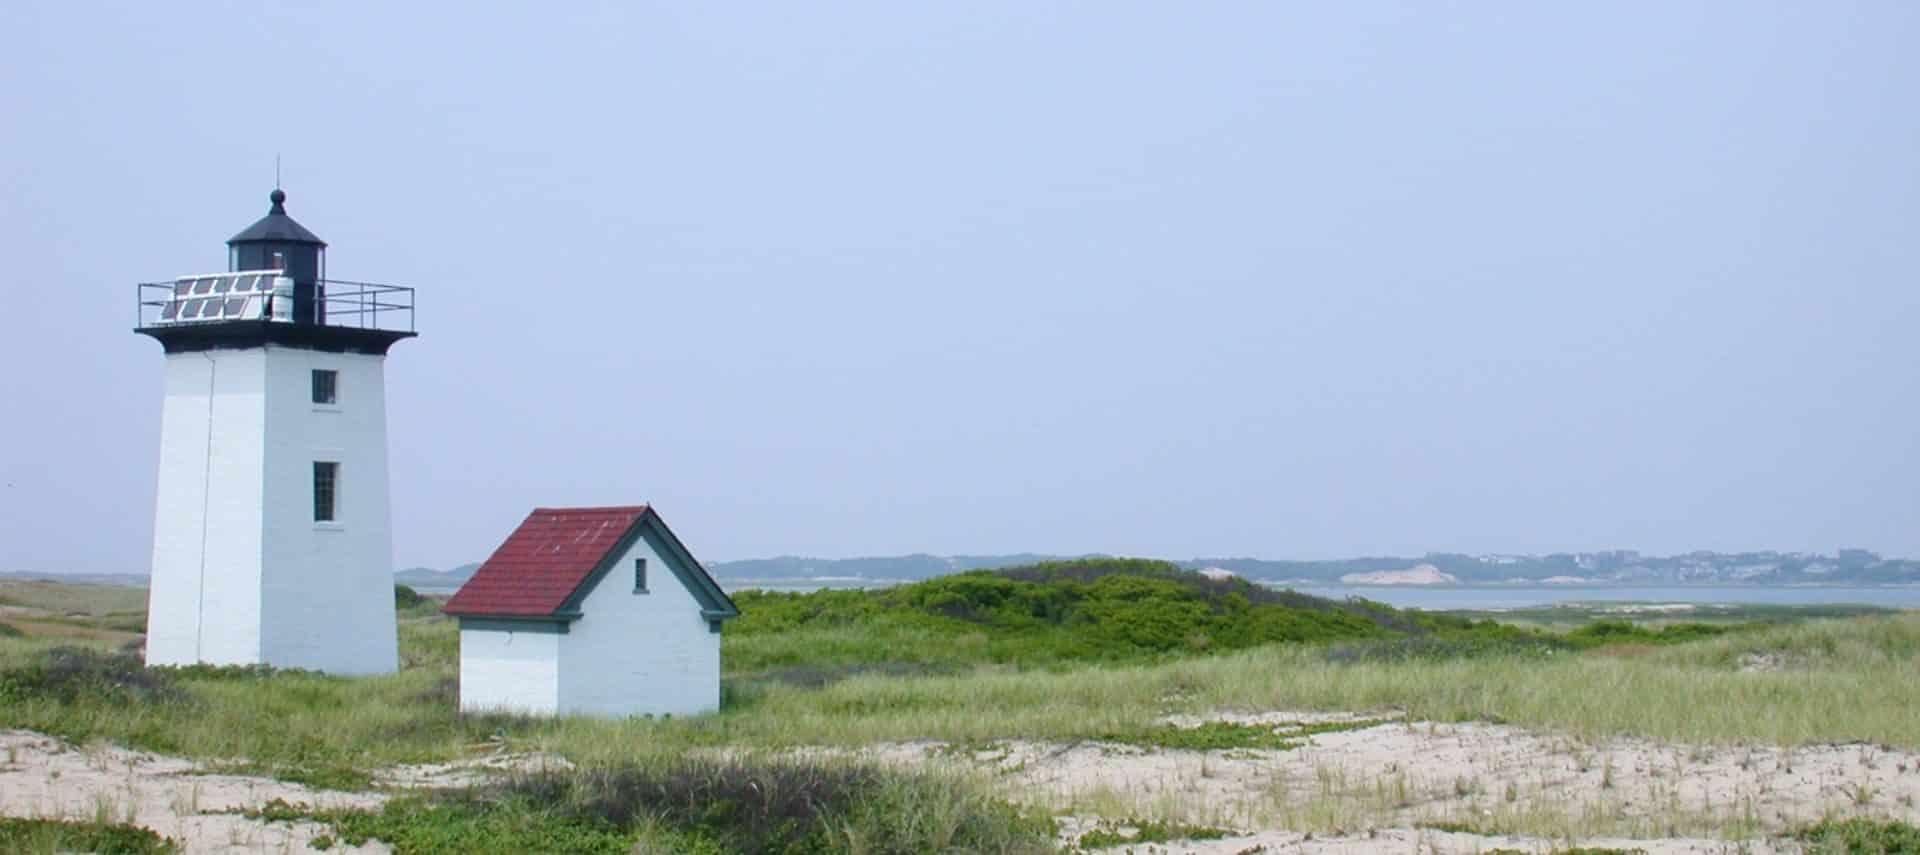 Lighthouse on a beach on Cape Cod